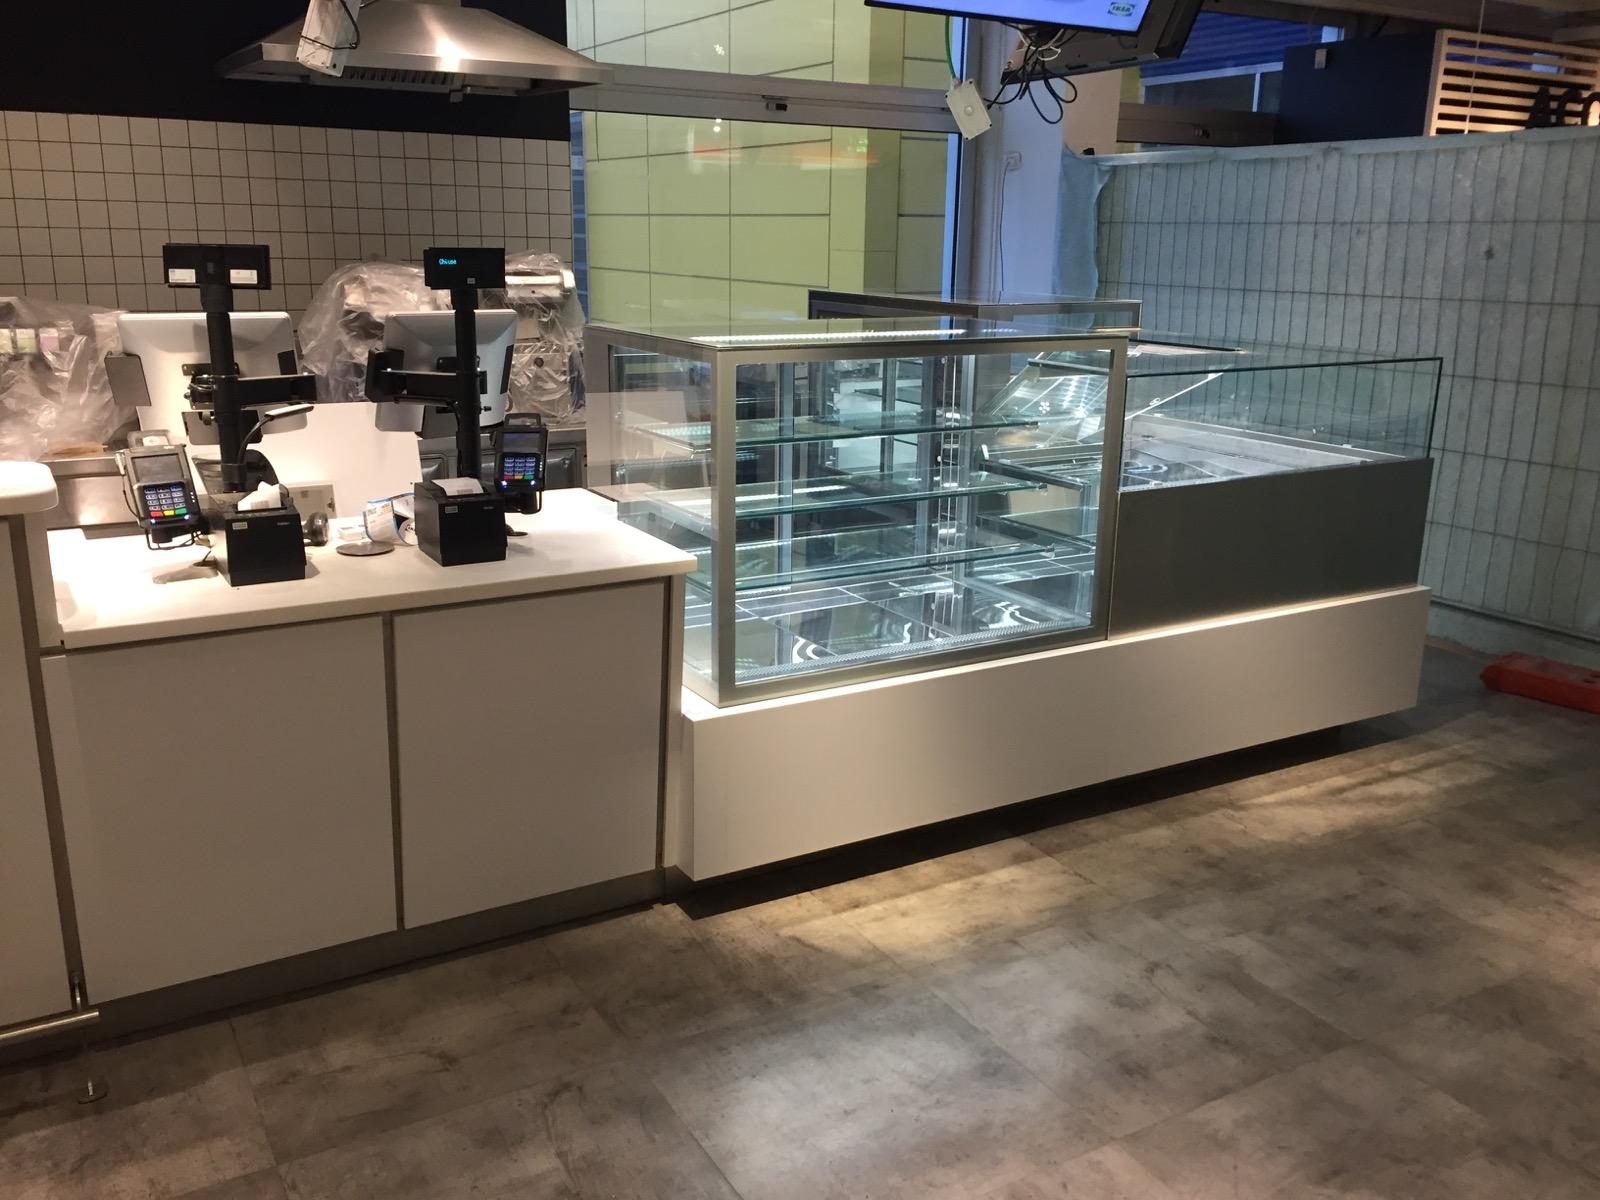 Ikea milano conti arredamenti arredamenti per interni for Arredamenti bar milano